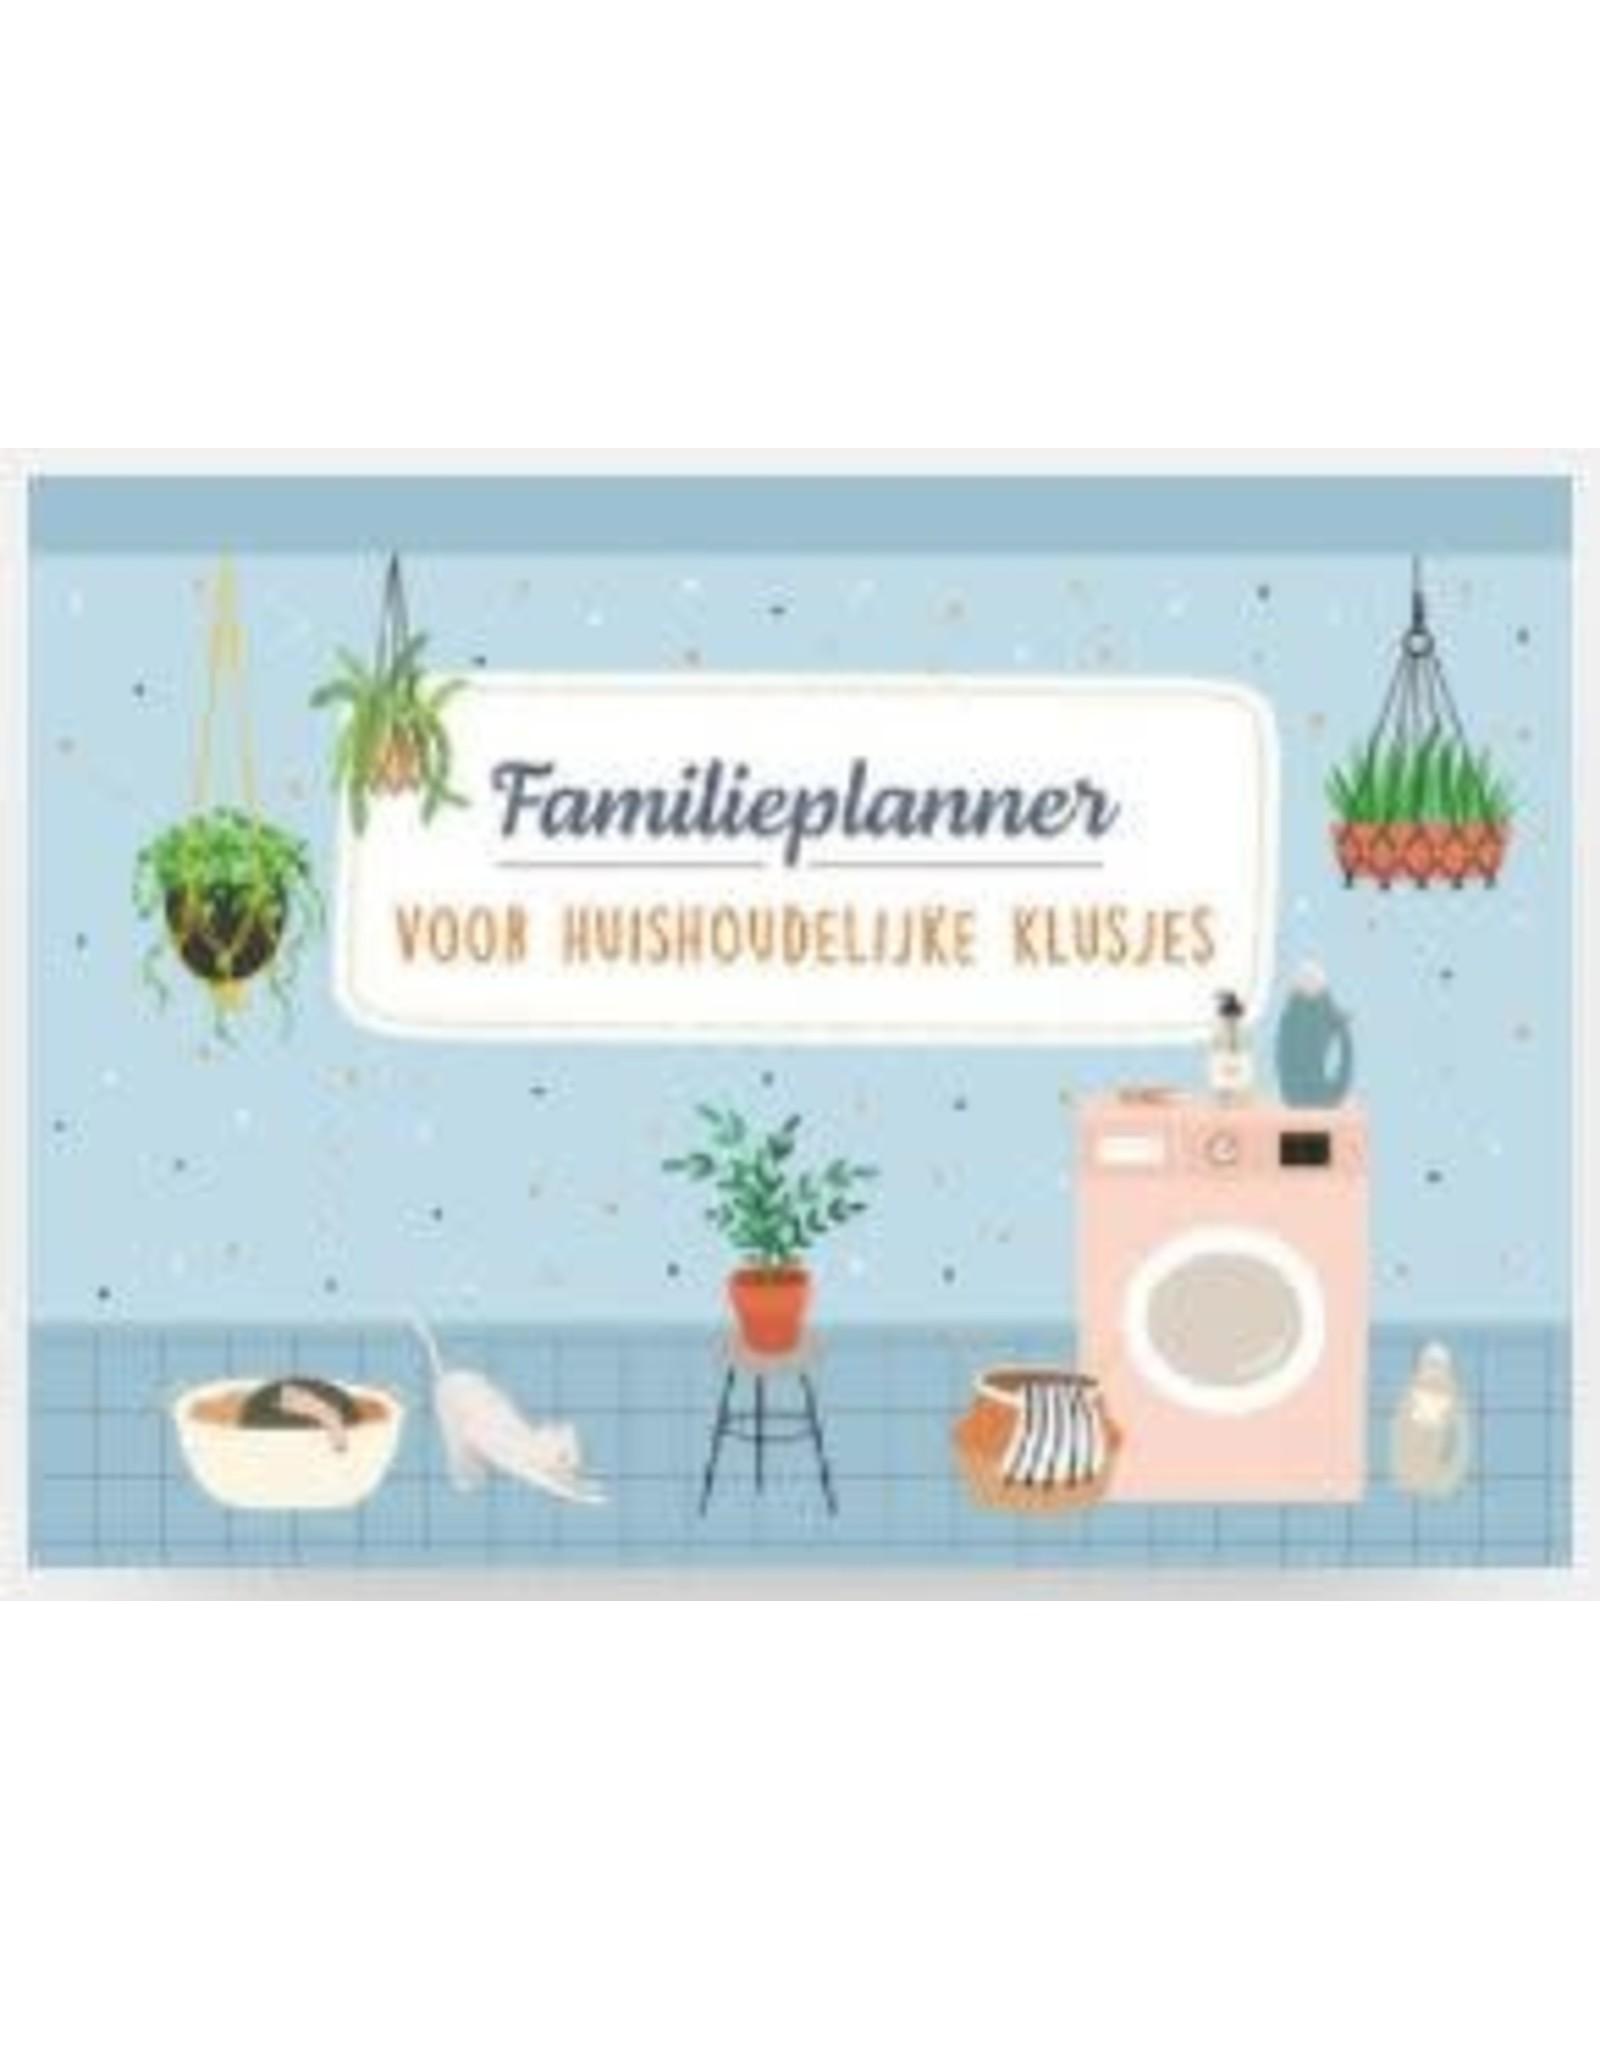 Deltas Familieplanner voor huishoudelijke klusjes